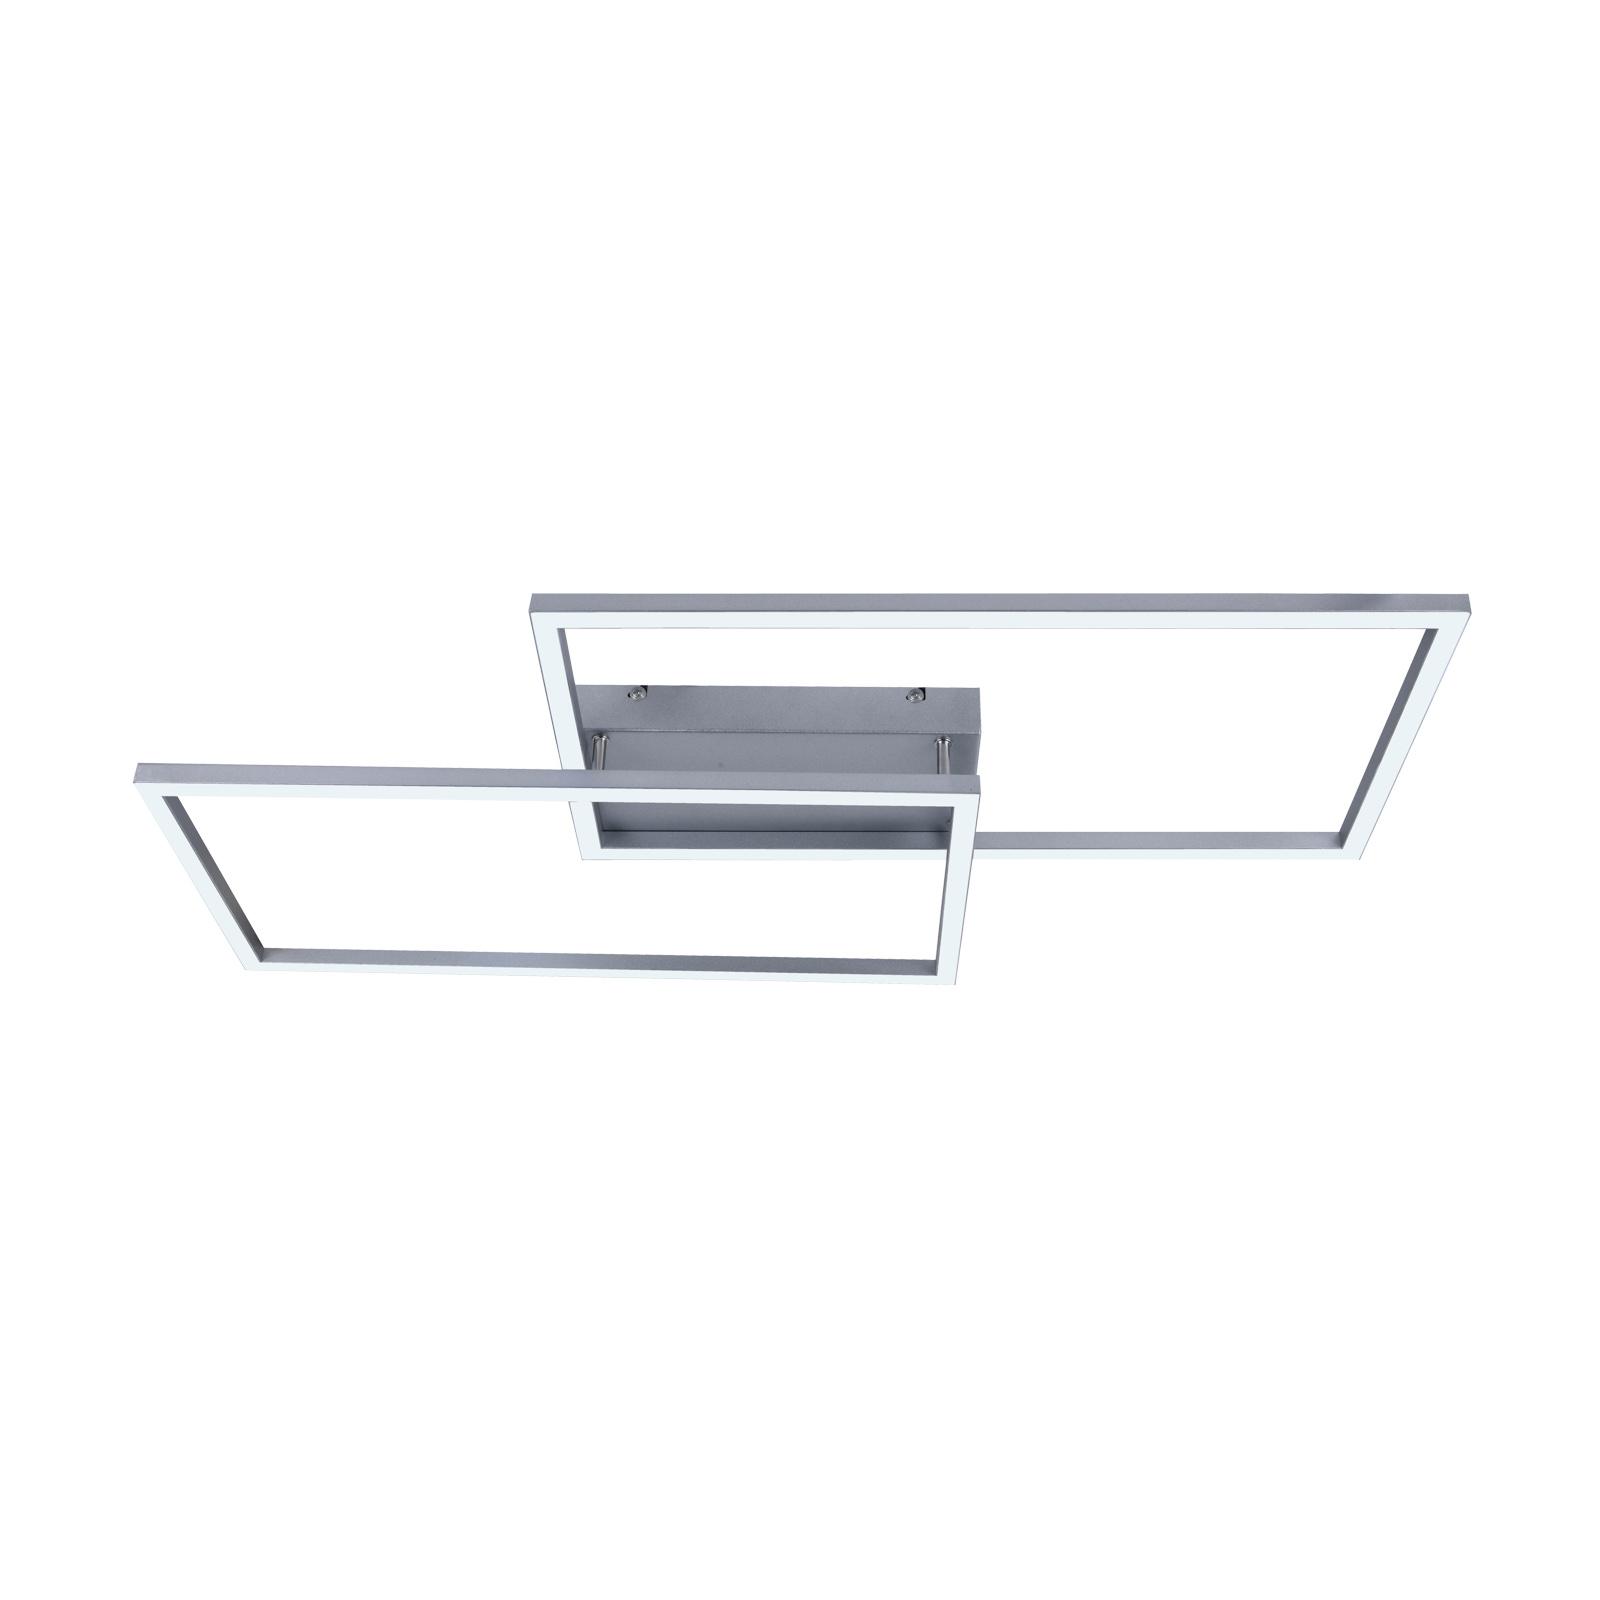 Lucande Muir LED plafondlamp, rechthoeken, CCT